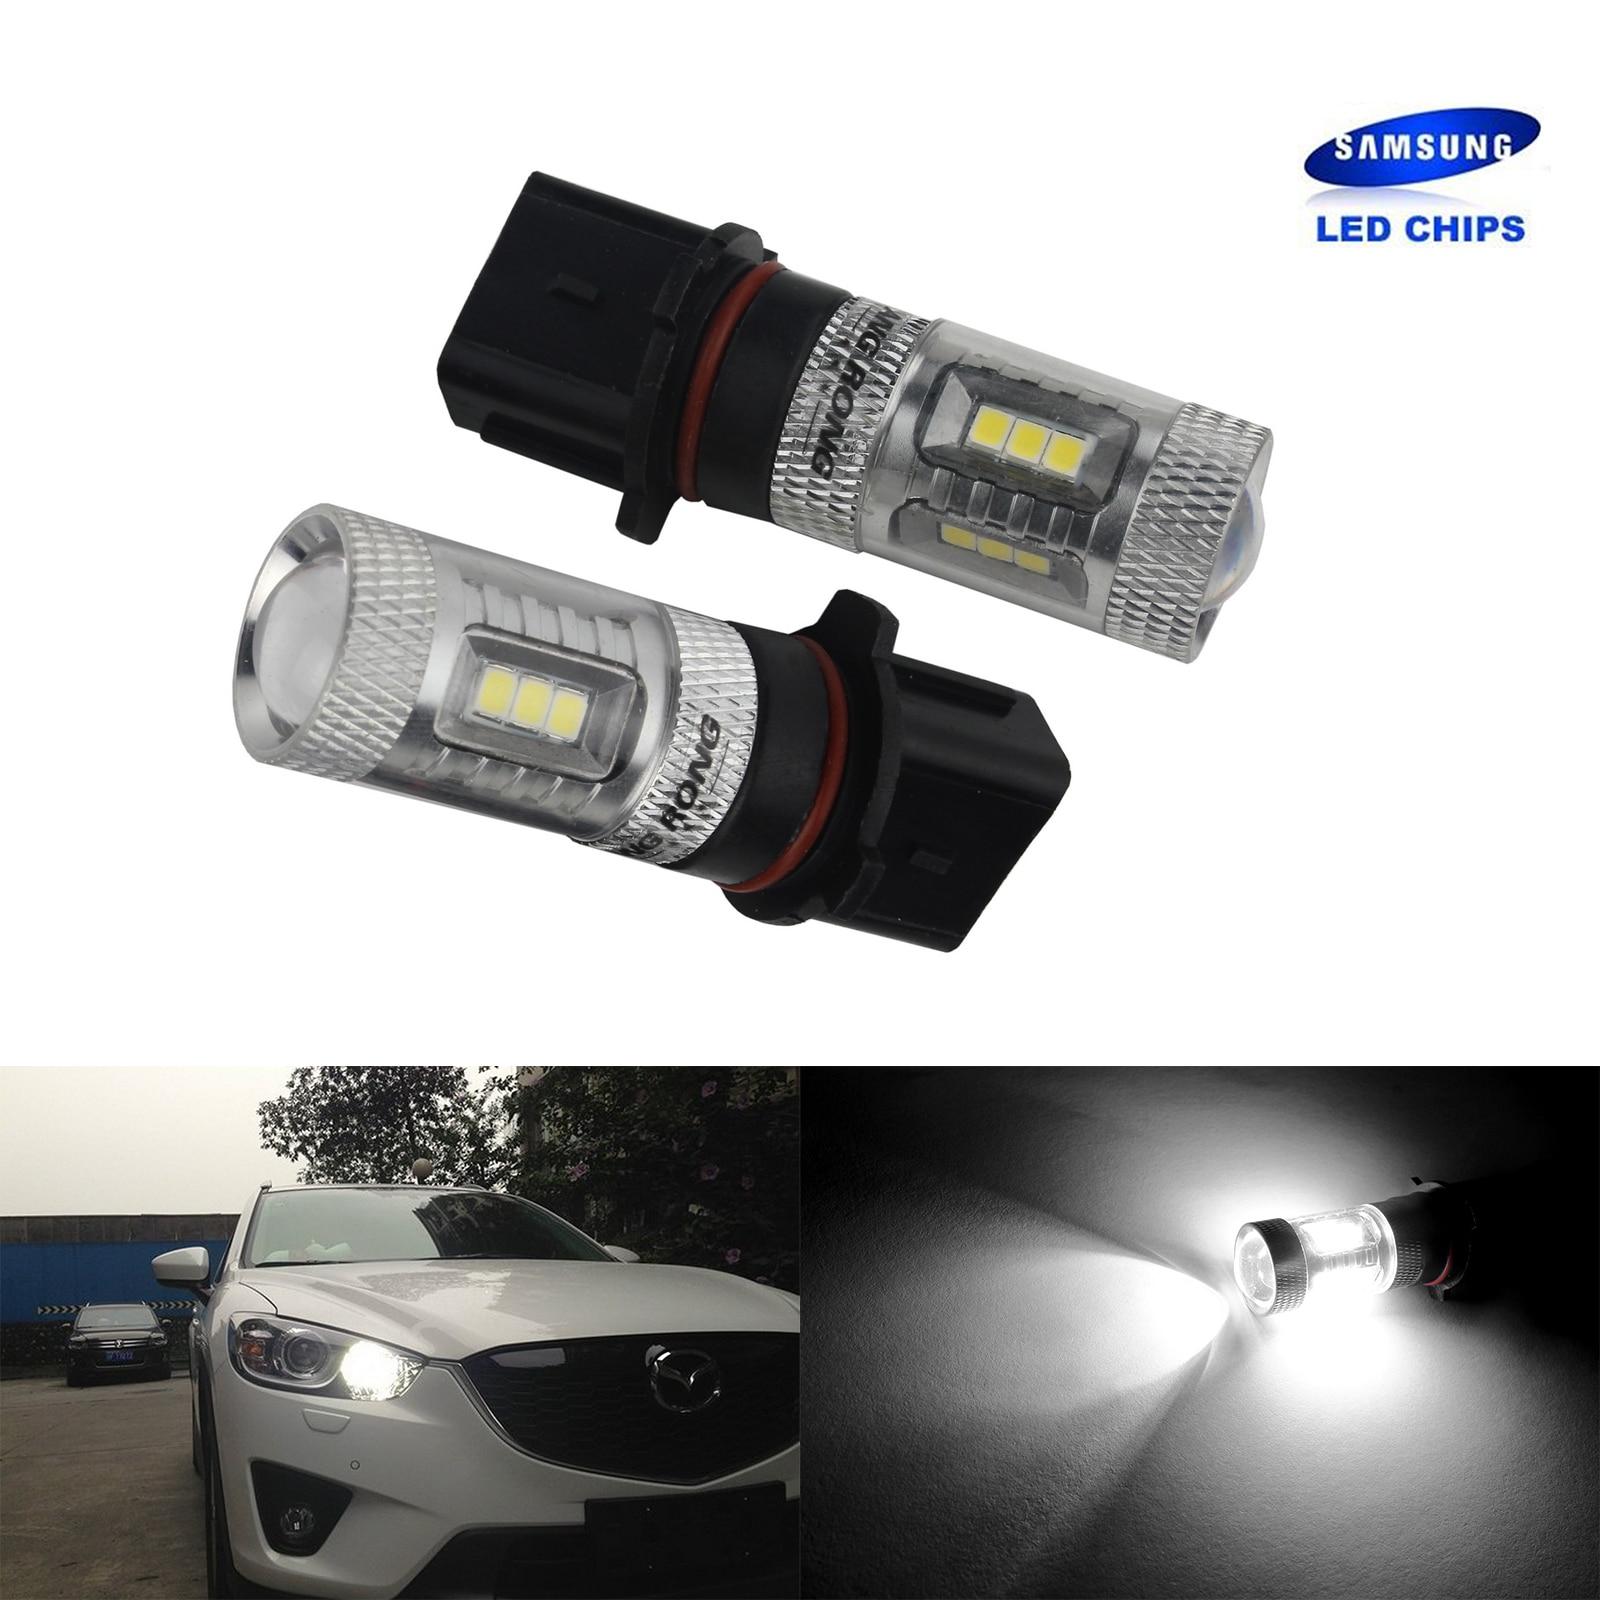 2x P13W SH23W 12277 15 SMD SAMSUNG Chips LED Fog Daytime Running Light DRL White